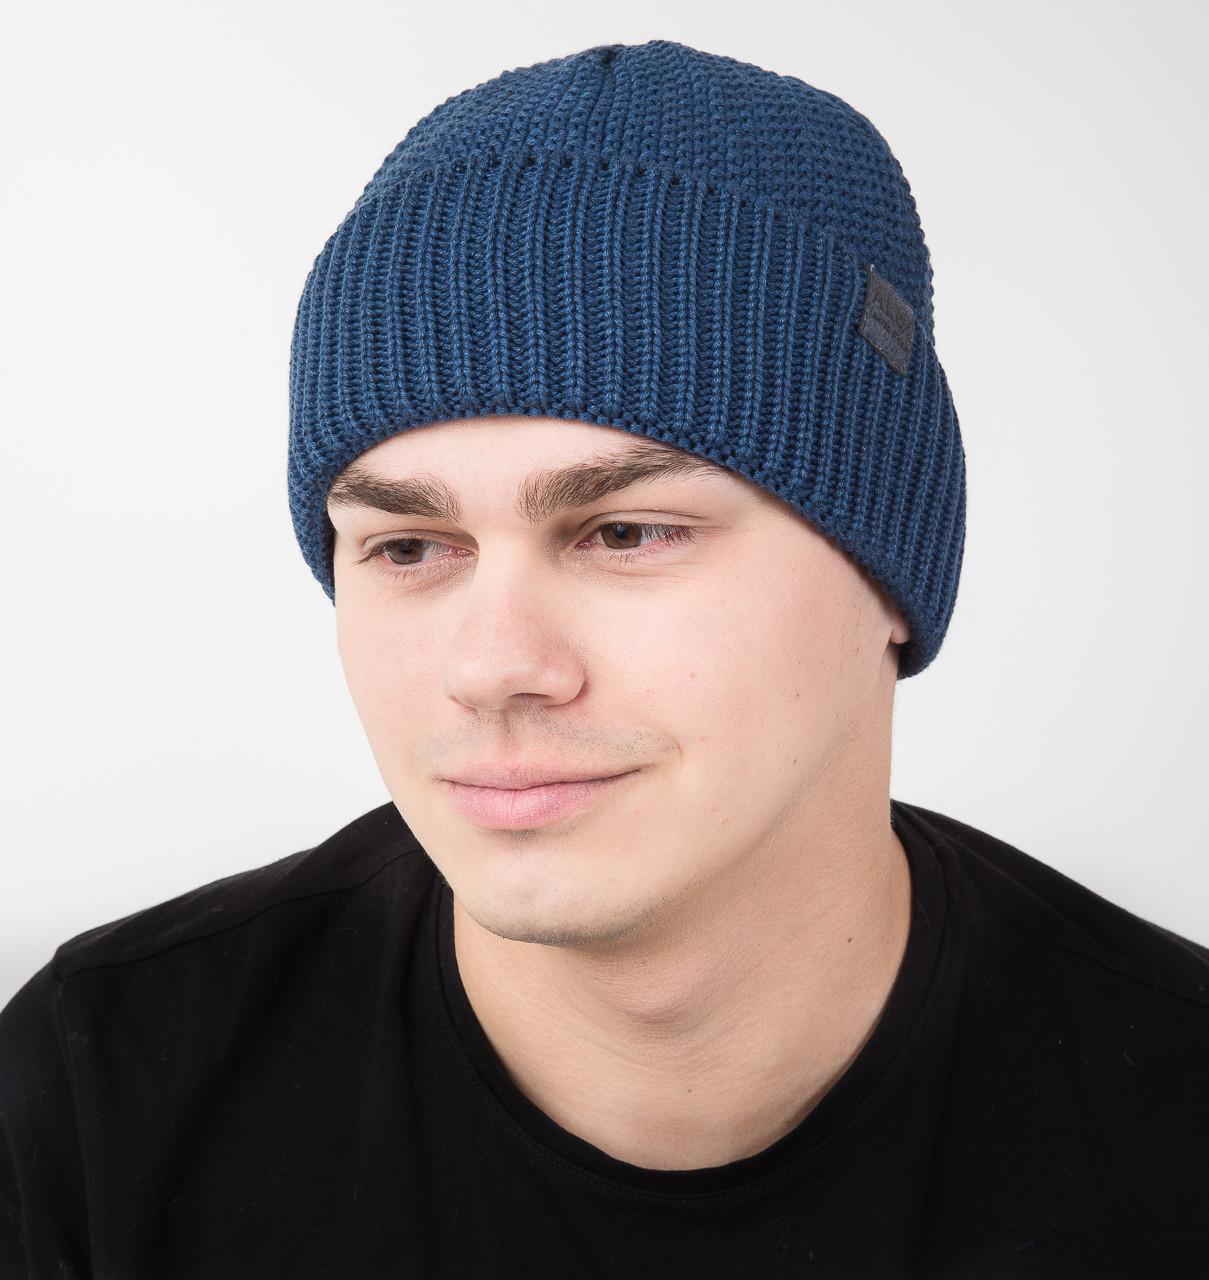 Зимняя вязаная мужская шапка на флисе - Арт AL17036